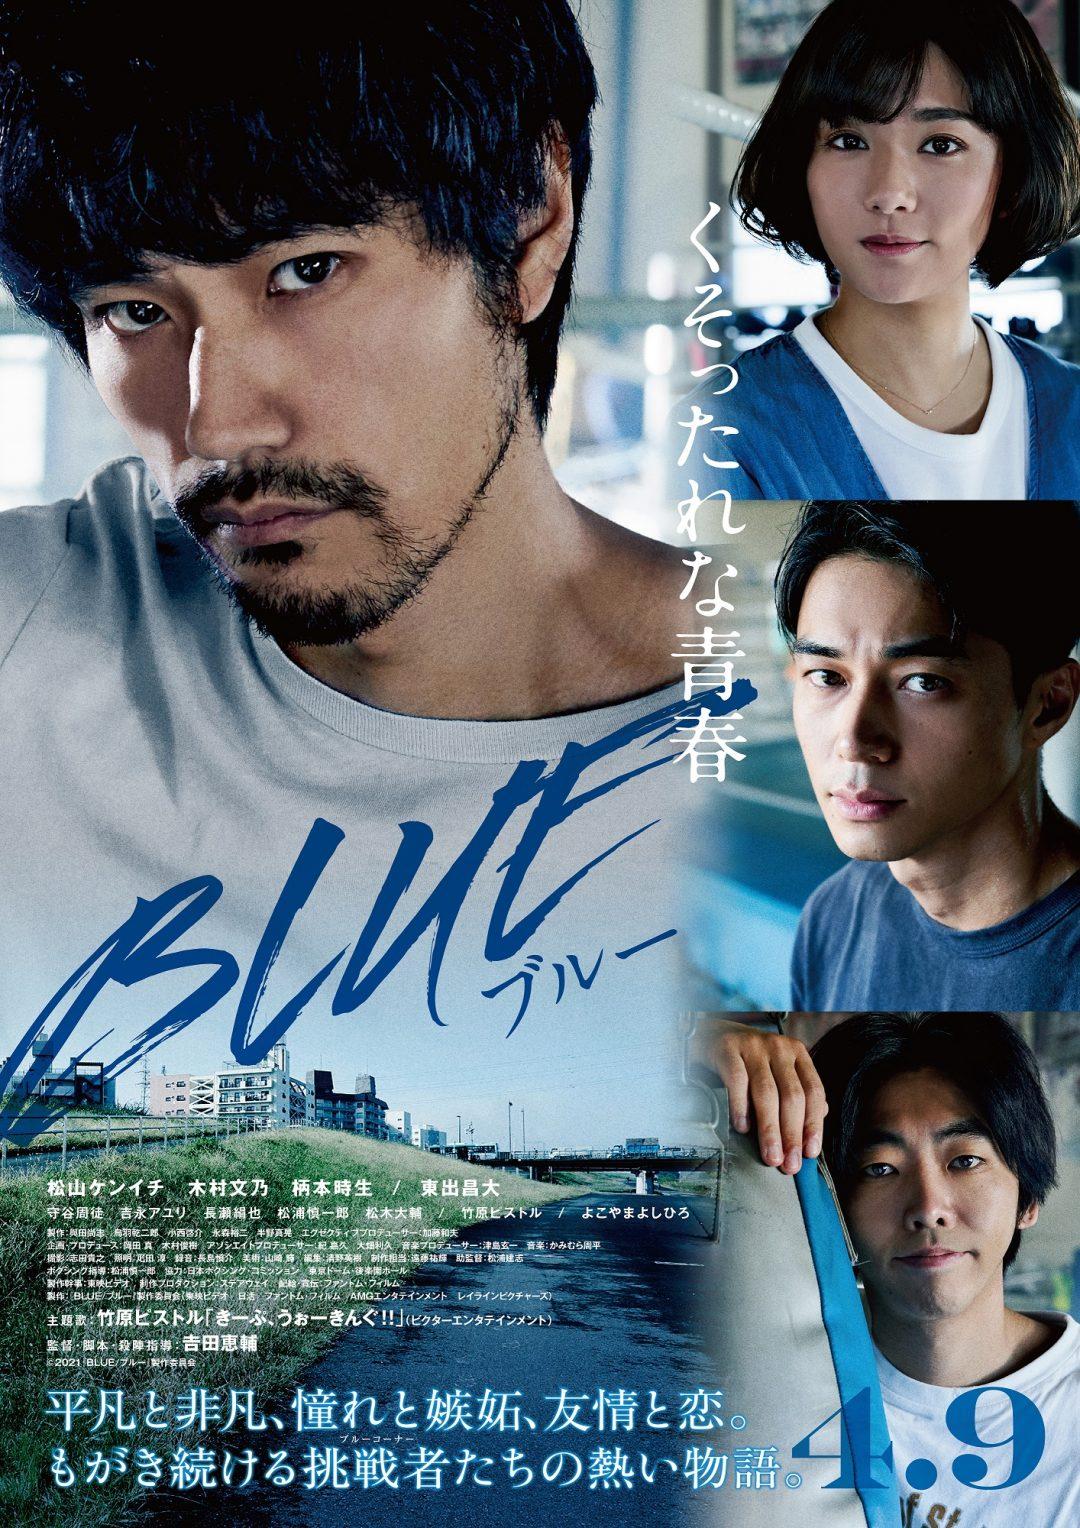 ボクシングの世界を描く映画『BLUE/ブルー』、ヒロイン木村文乃が思う役者像とは